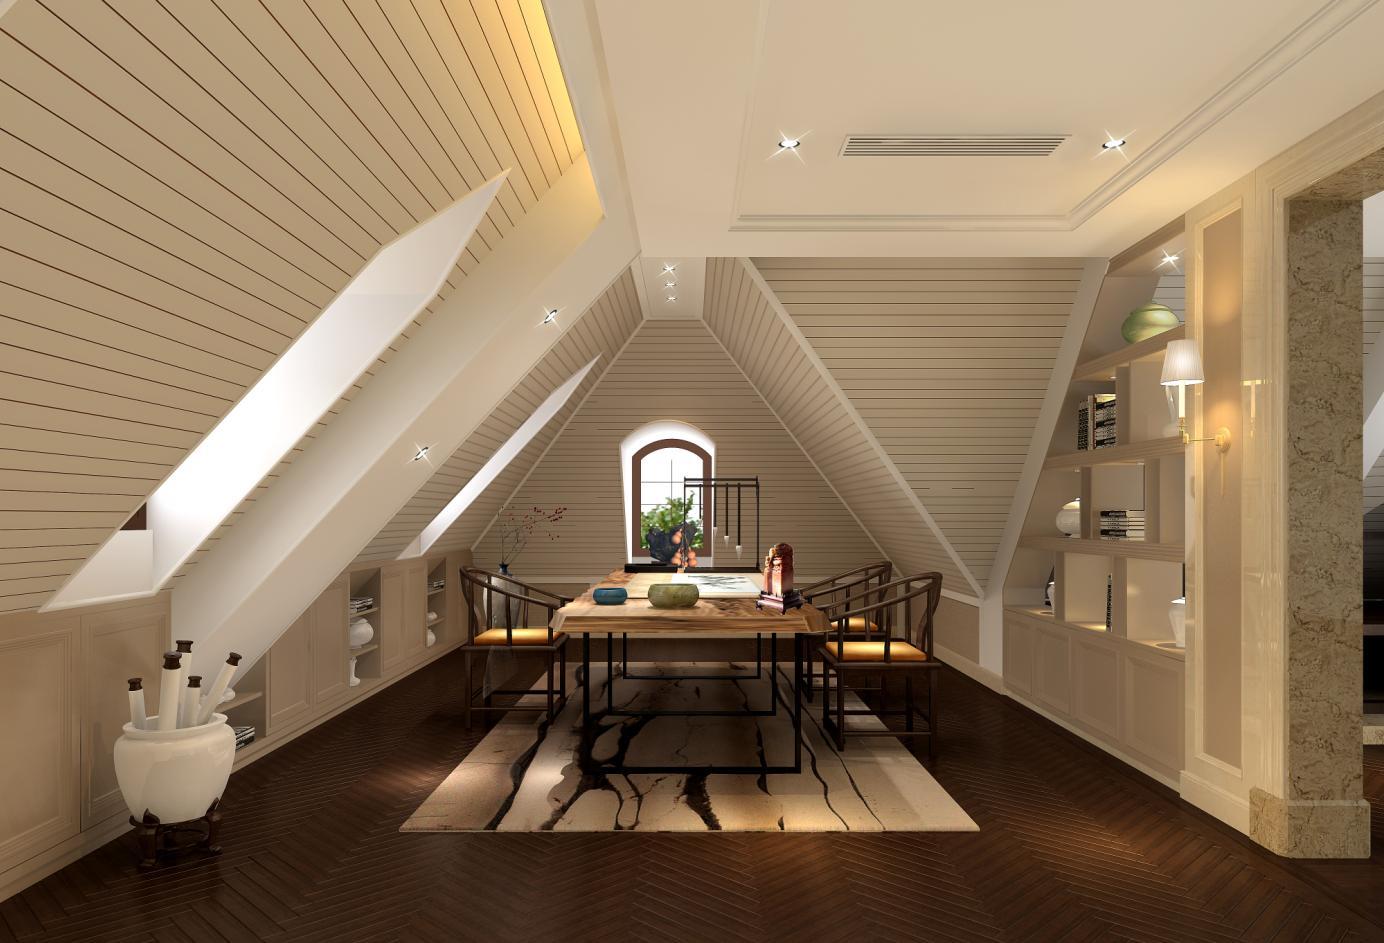 圣堡别墅 装修设计 法式风格 腾龙设计 沈韬作品 卧室图片来自孔继民在圣堡别墅项目装修法式风格设计1的分享